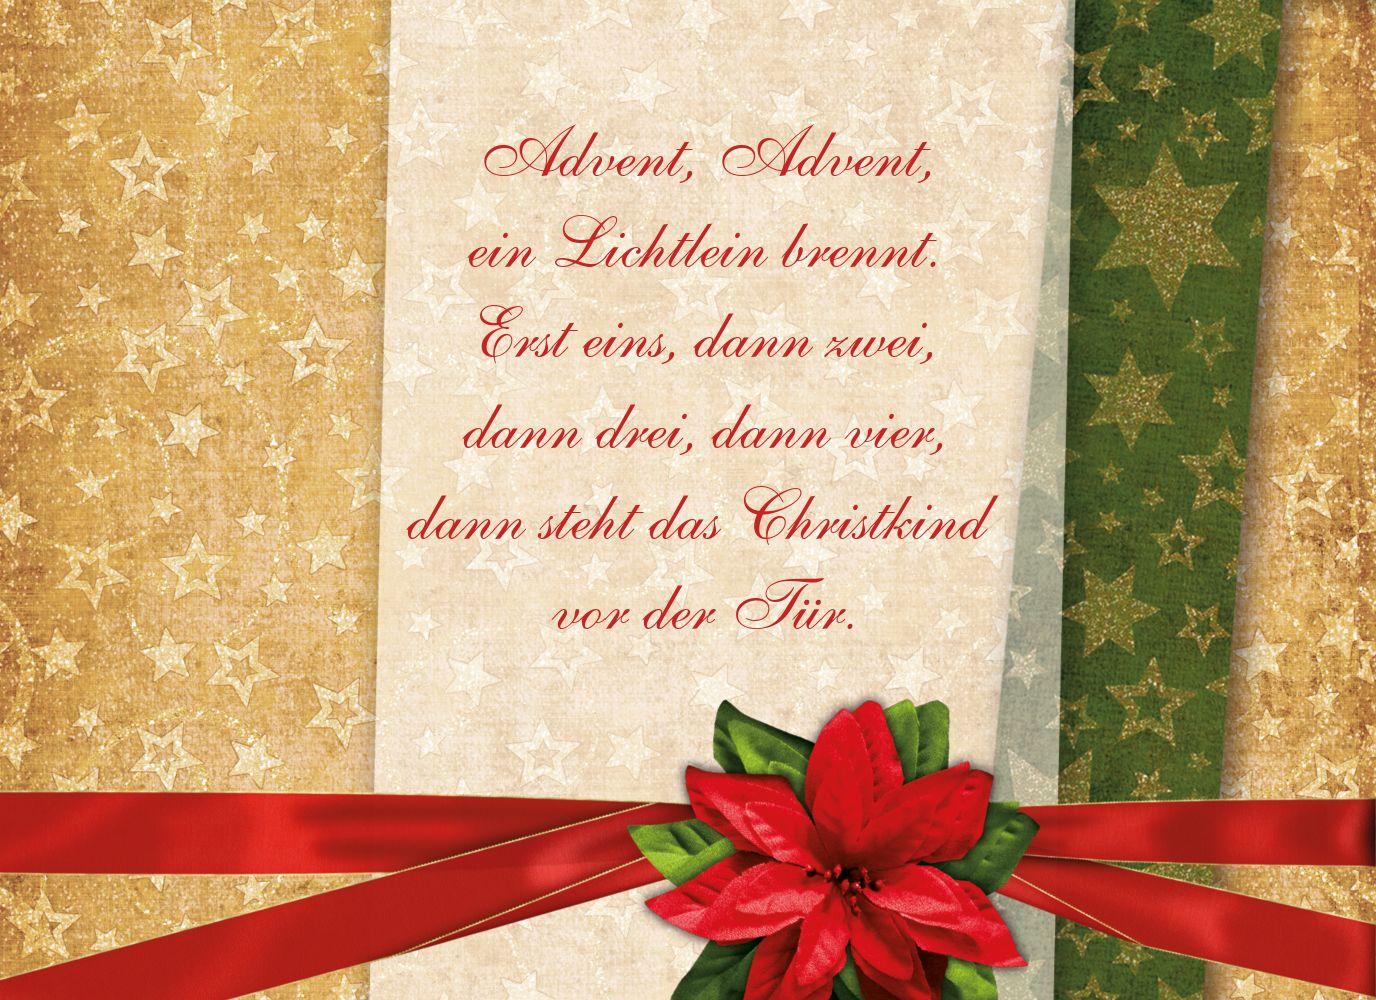 Ansicht 5 - Grußkarte Weihnachten Foto Goldenes Geschenk